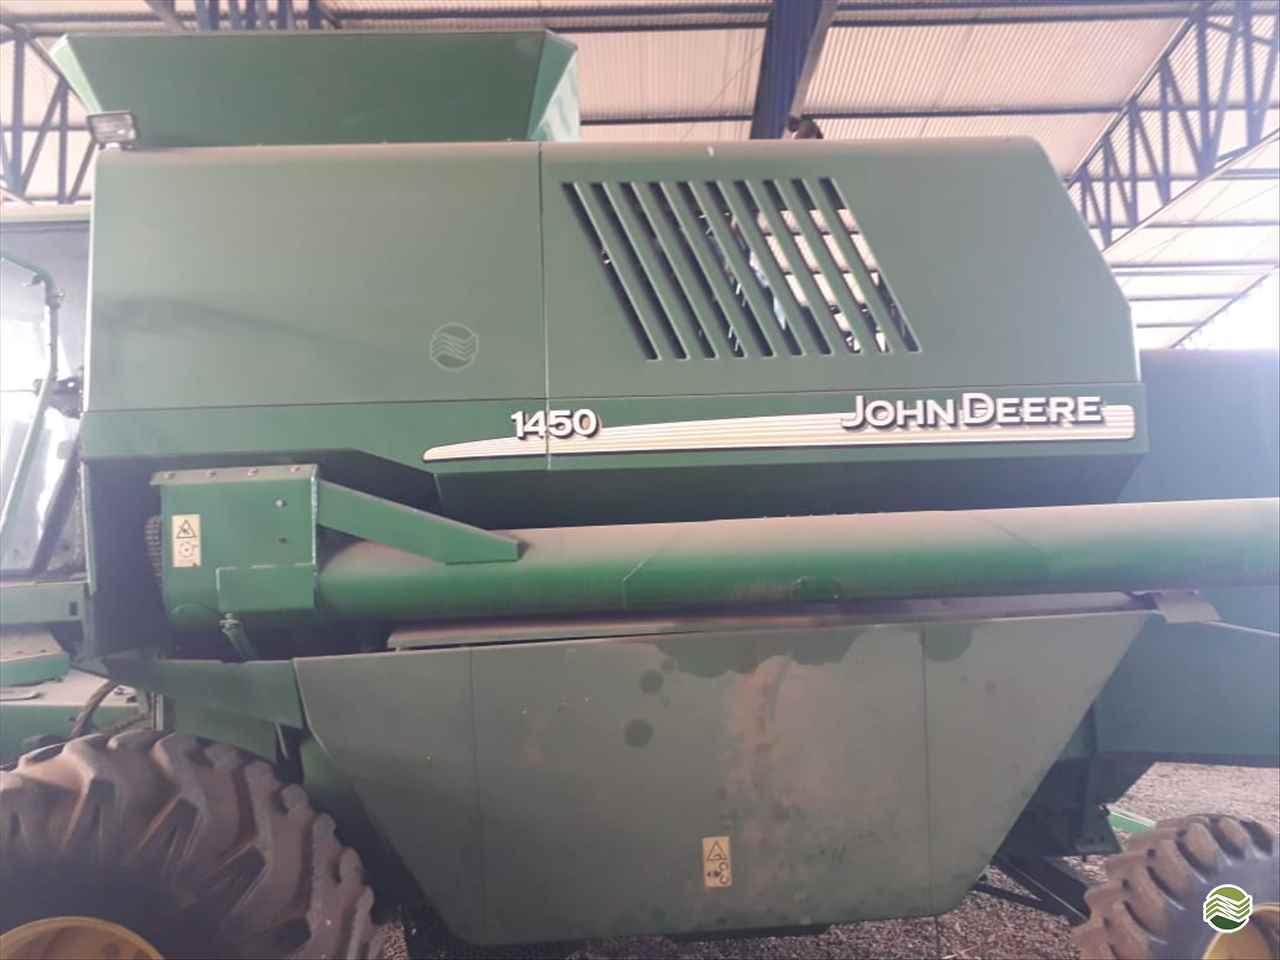 JOHN DEERE 1450 de Máquinas Agrícolas Pitanga - PITANGA/PR